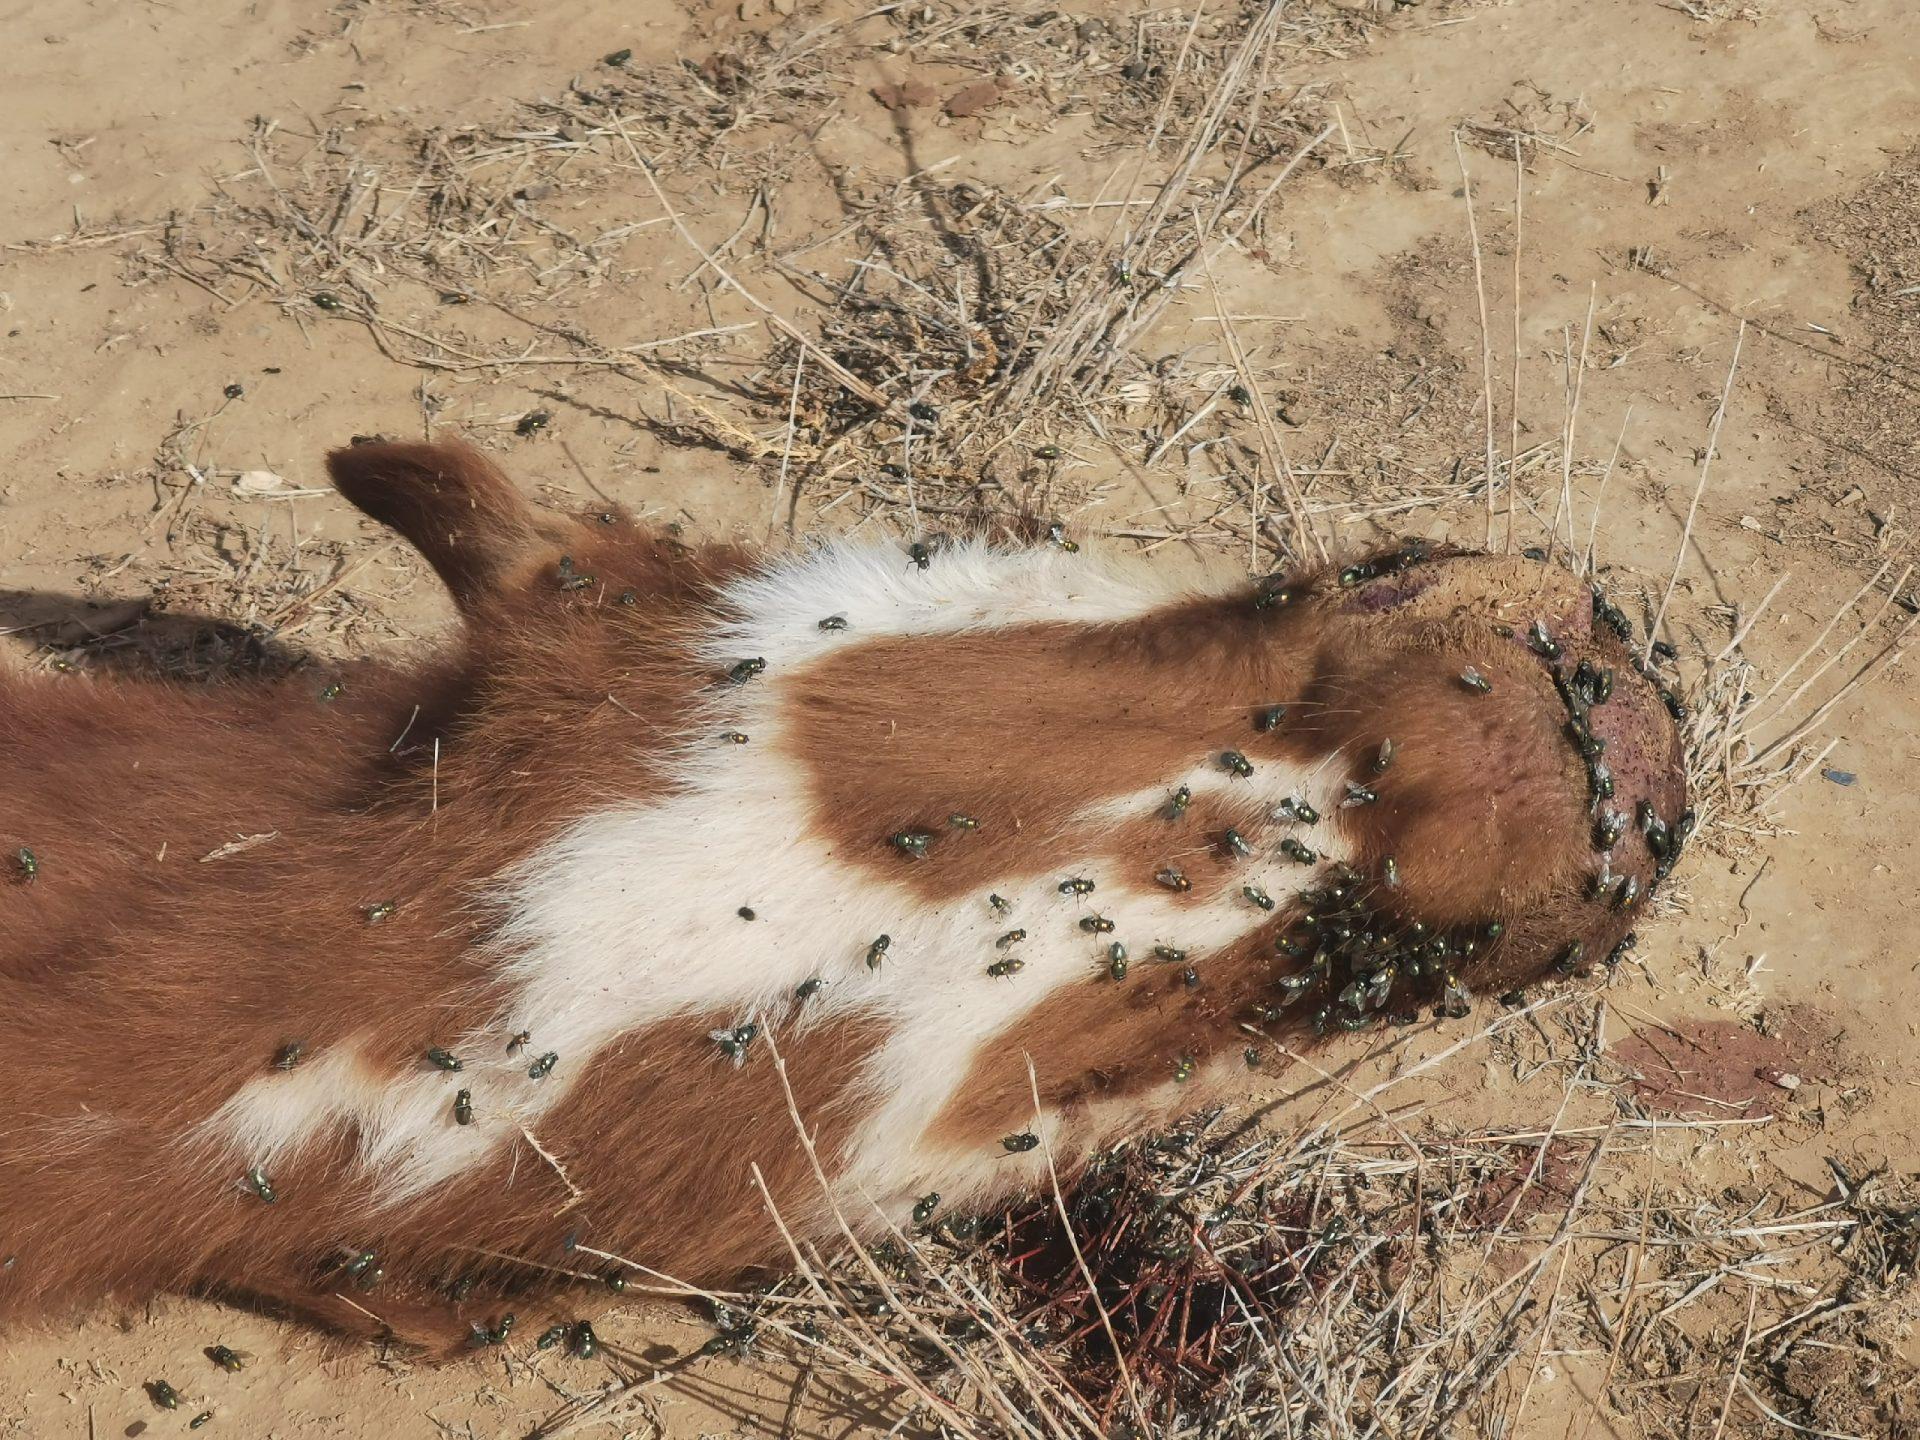 Смерть всему живому: международное десятилетие защиты биоразнообразия провалено!